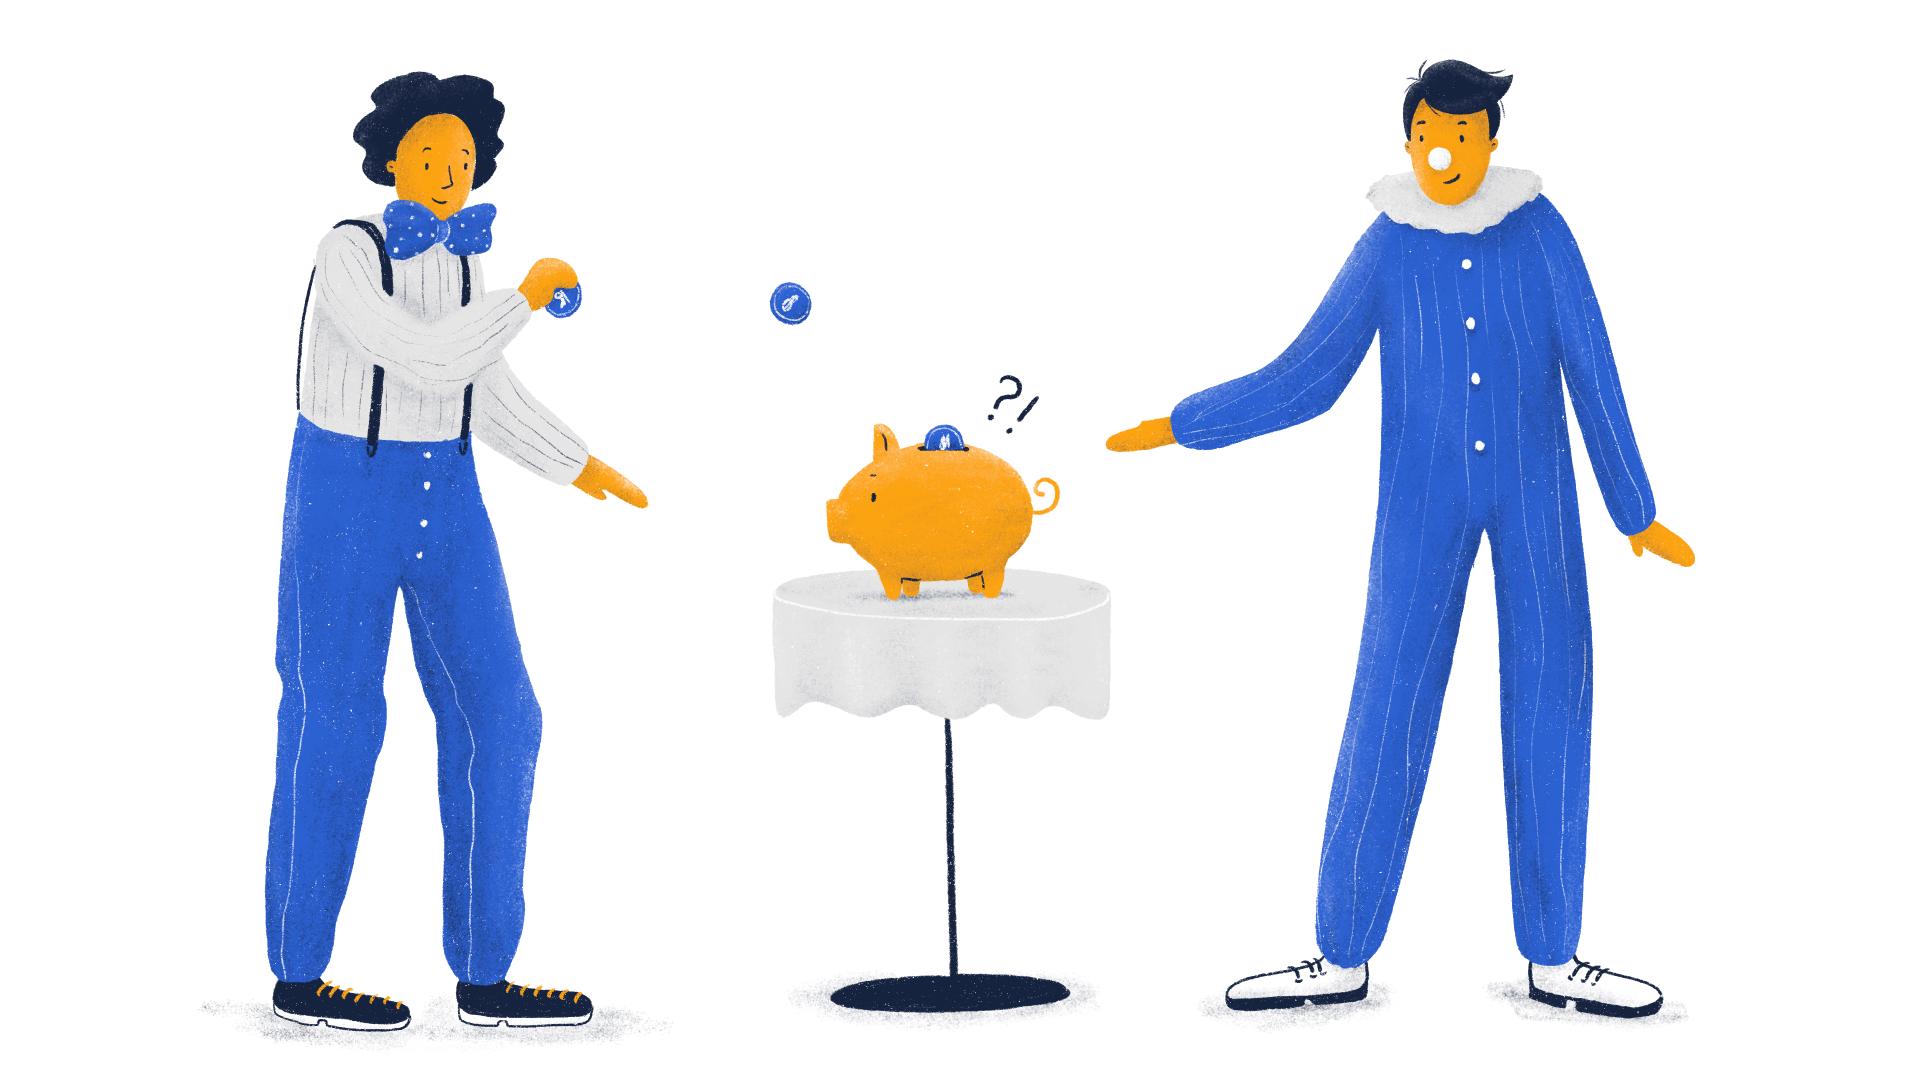 Making Fintech Fun: Gamification in the Fintech UX